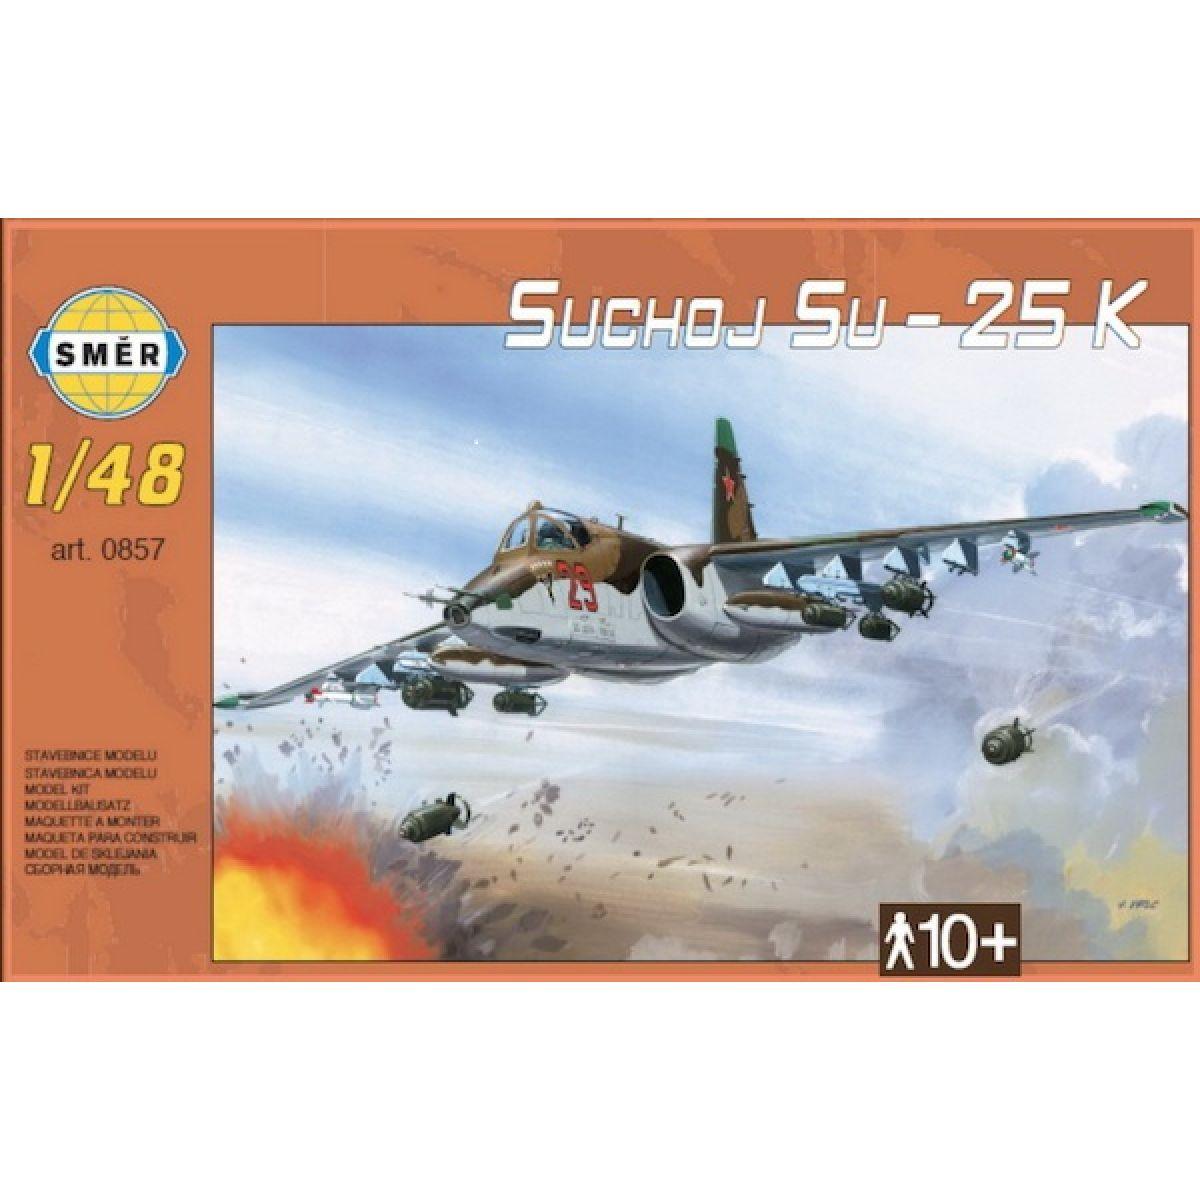 Smer Suchoj SU-25 K